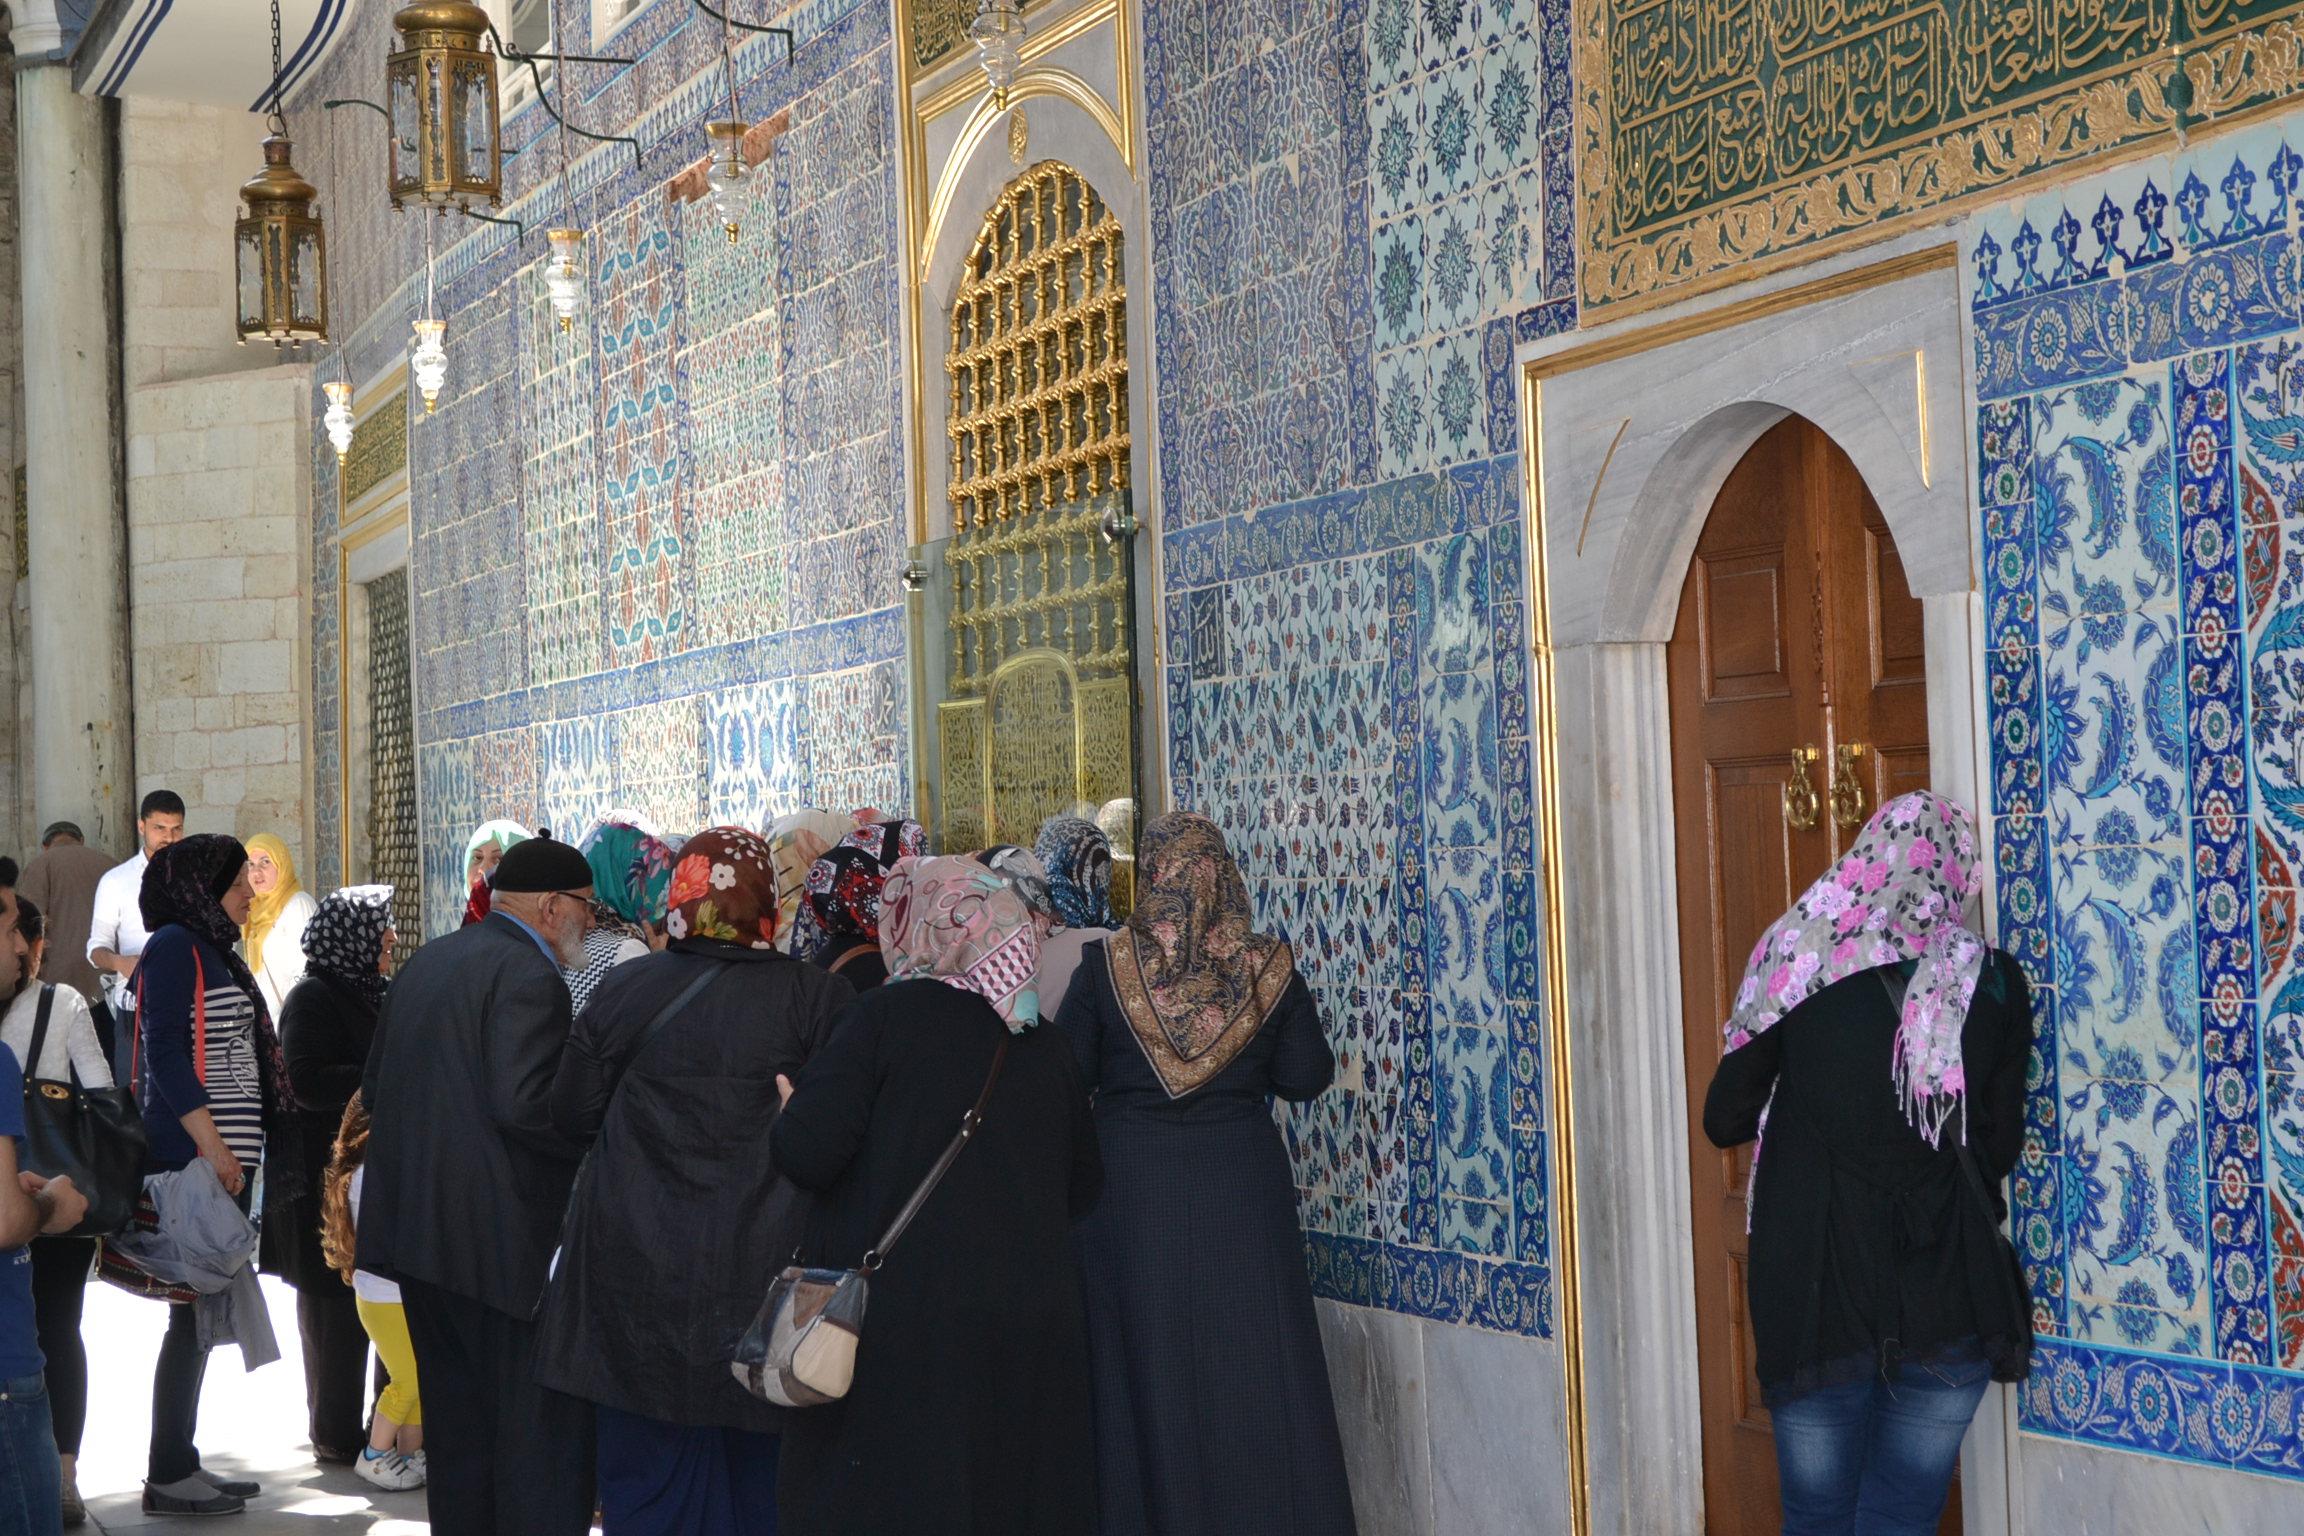 Vierailijoita rukoilemassa hautakammion seinän vieressä